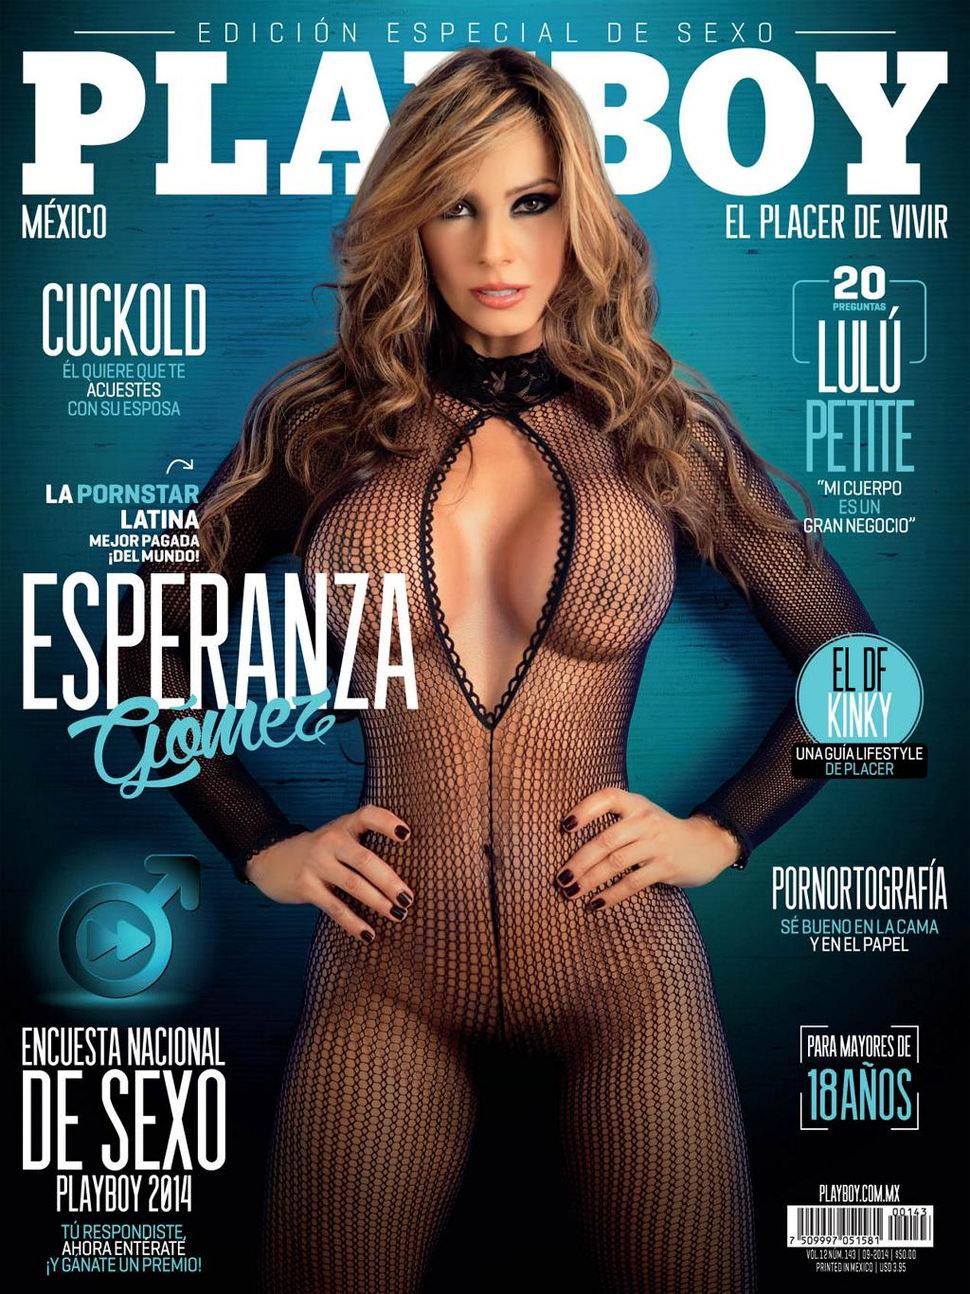 Mejor Playmate Del Mundo Porno entrevista a esperanza gómez – orgasmatrix